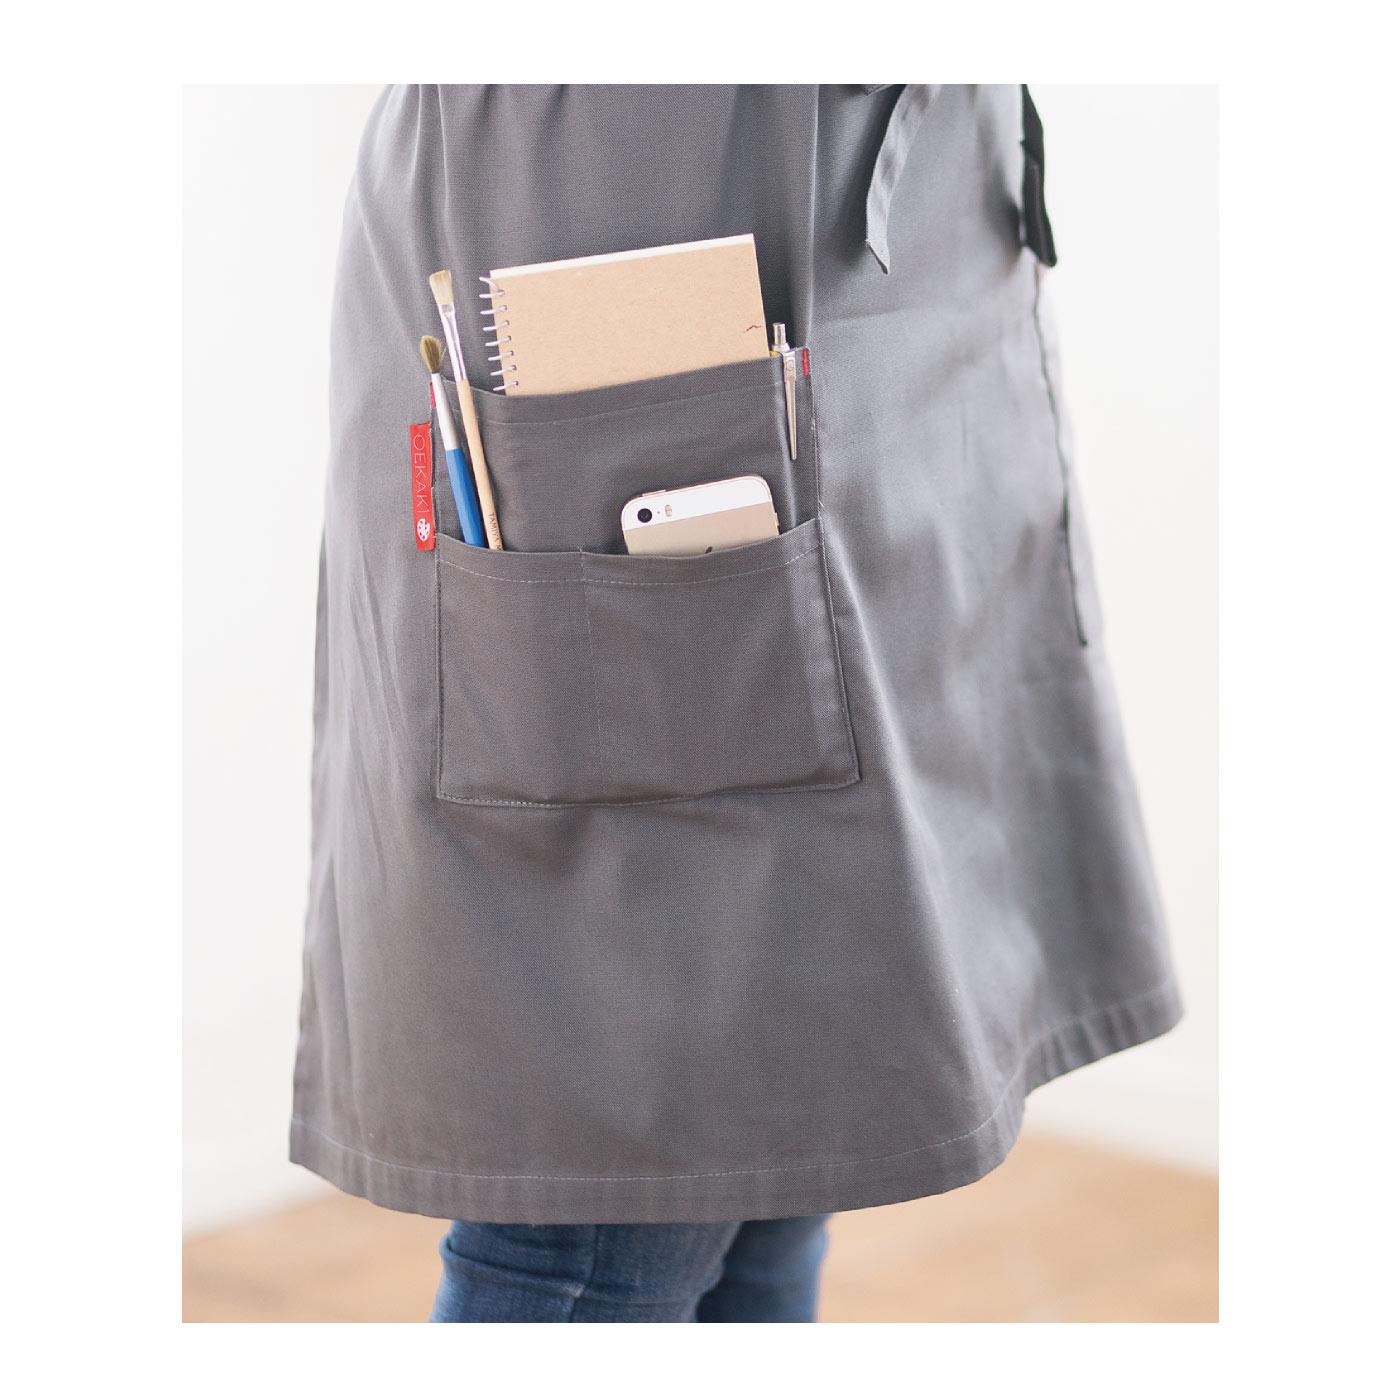 大人用は仕切り付きの大きめポケットで、携帯など小物収納にぴったり!